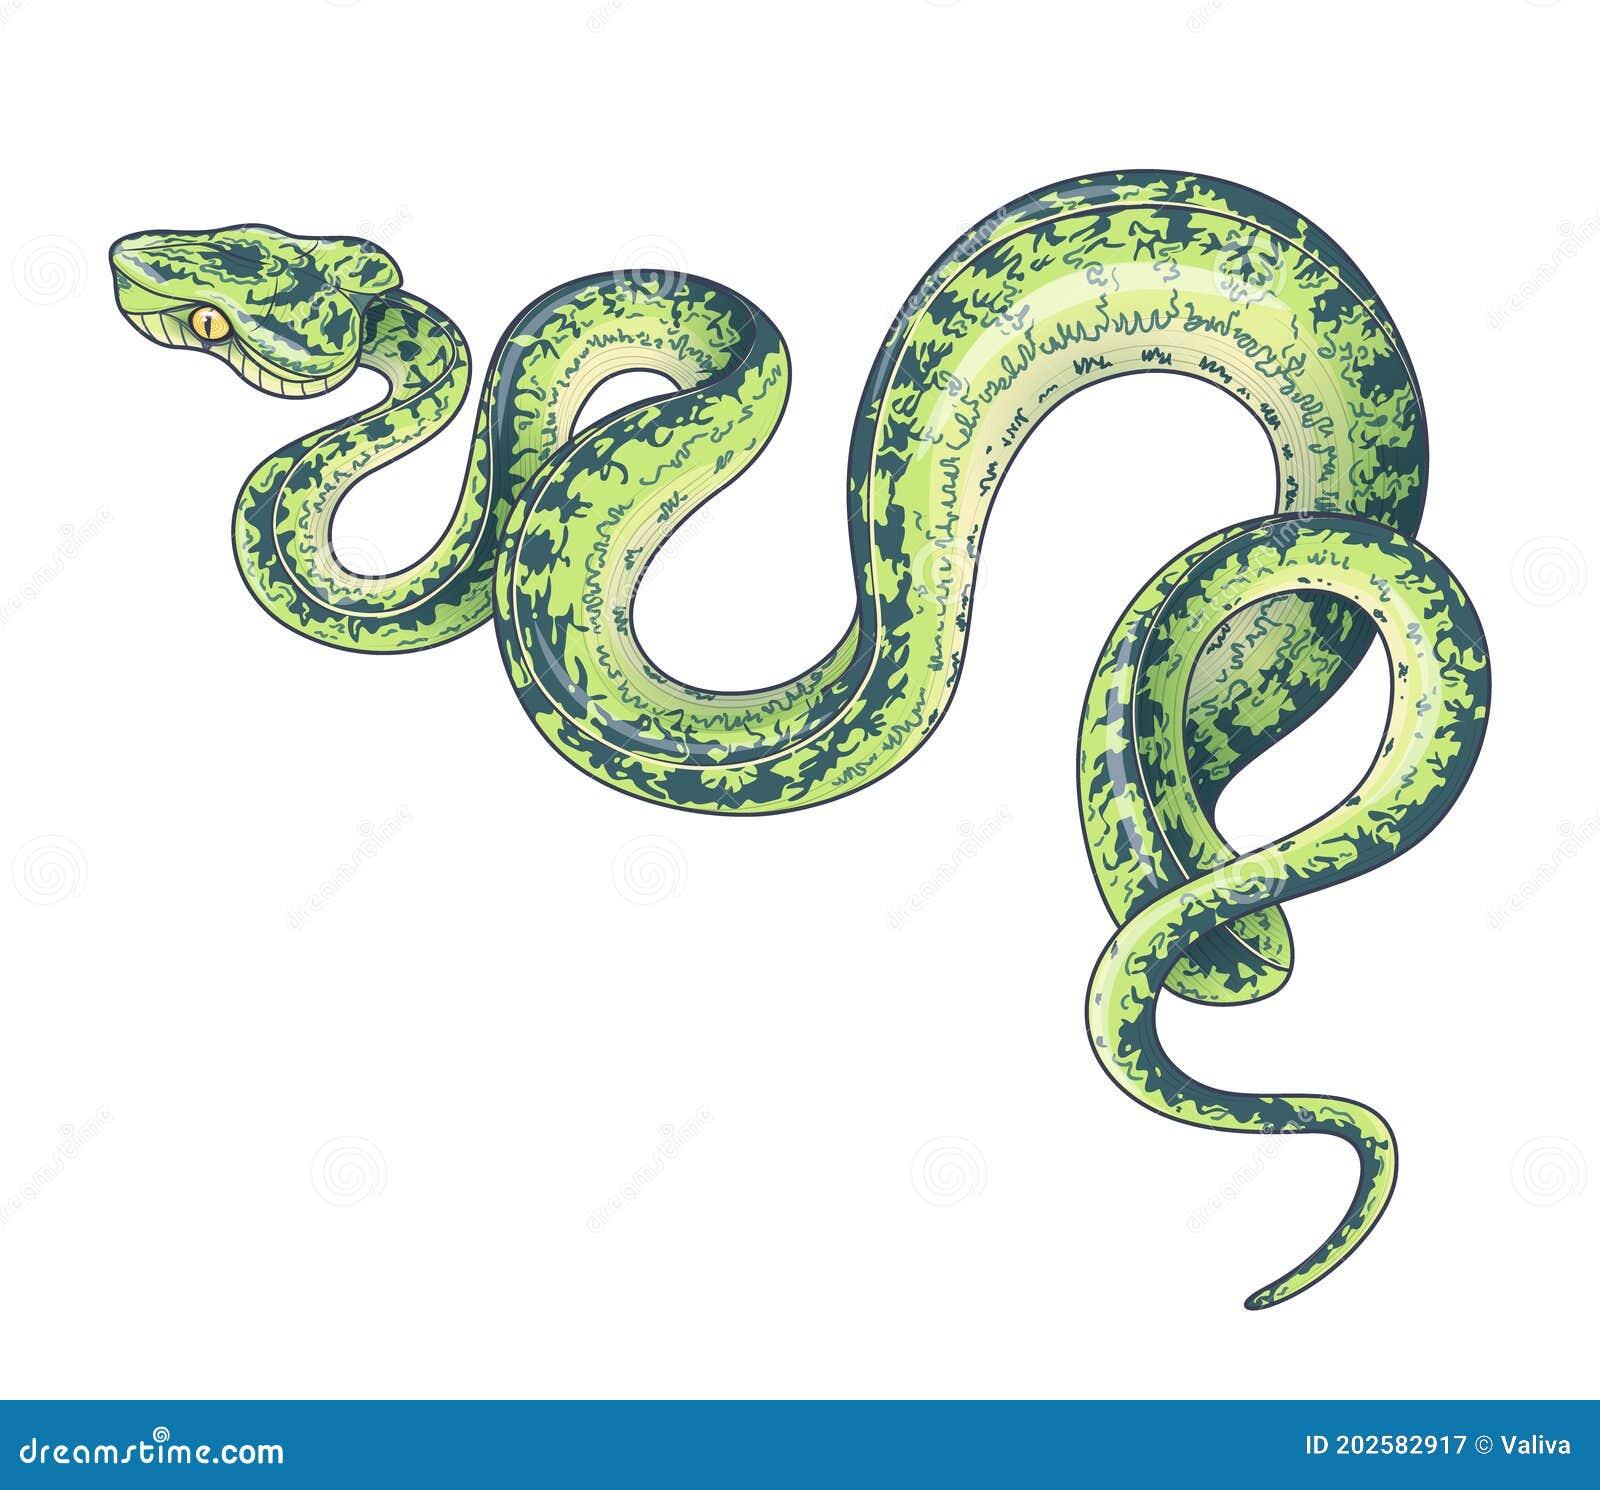 Green Garden Snake Stock Illustrations 568 Green Garden Snake Stock Illustrations Vectors Clipart Dreamstime